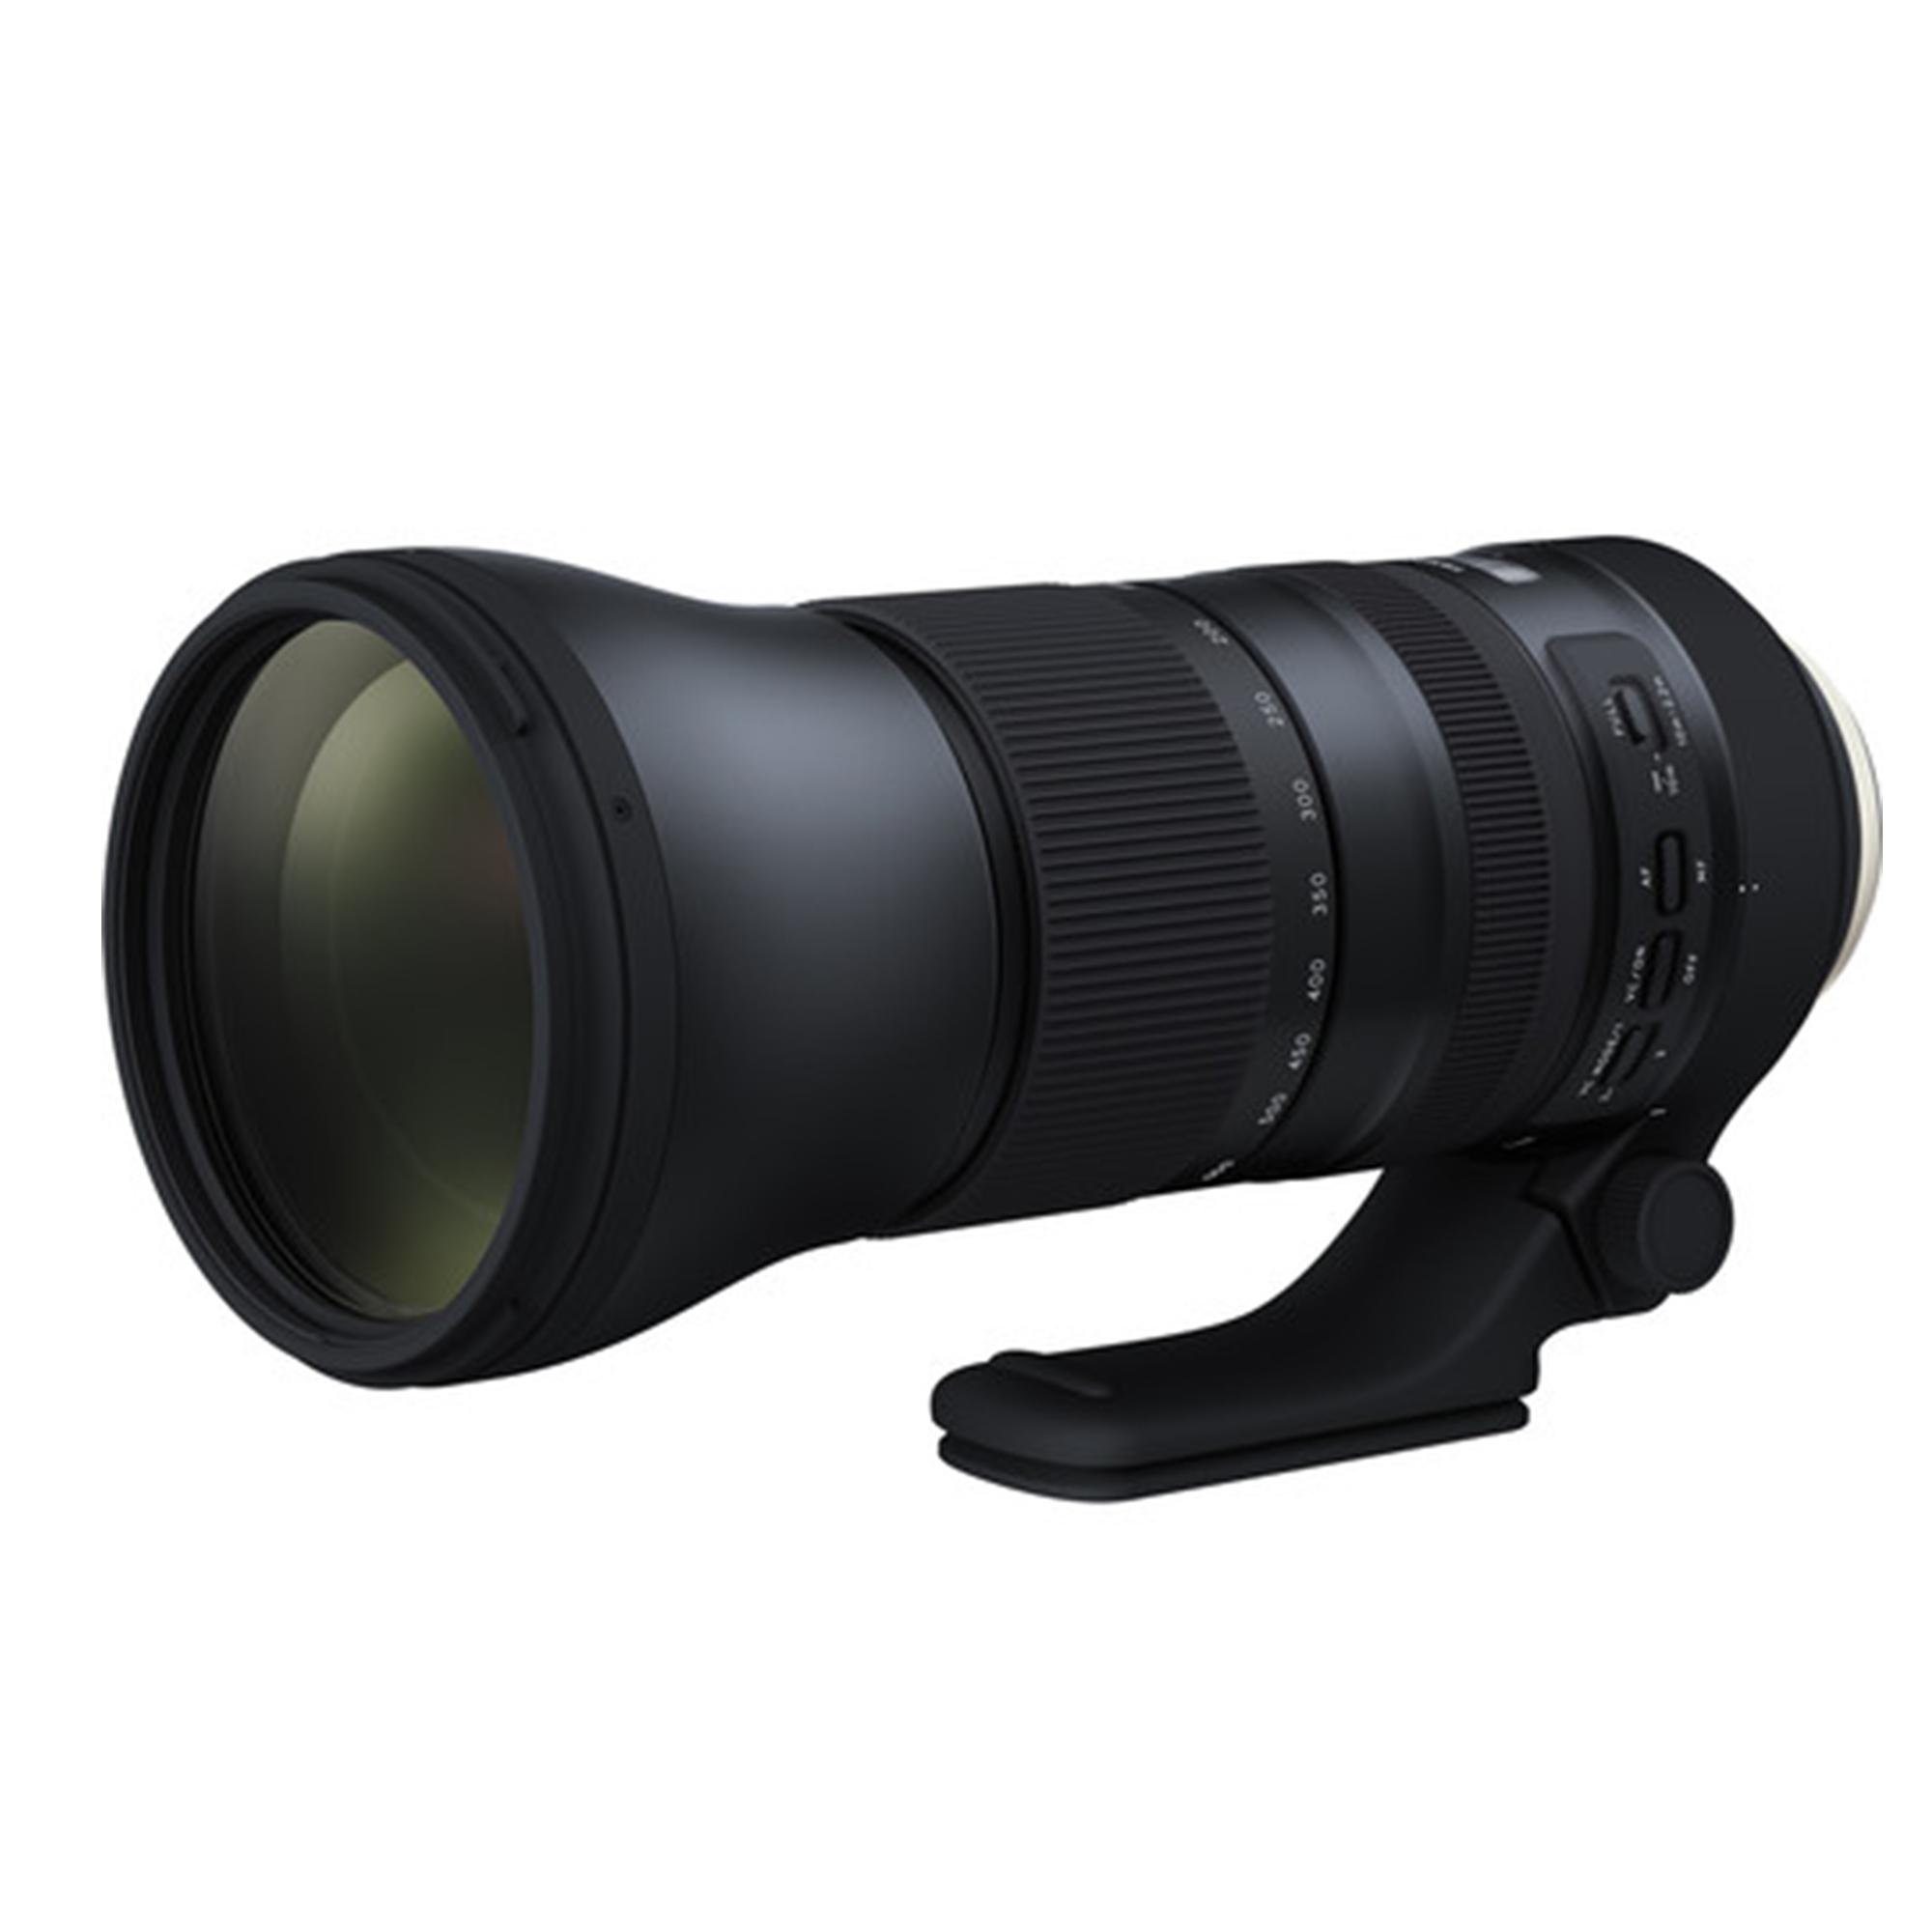 Tamron SP 150-600mm f5-6.3 Di VC USD G2 For Nikon F